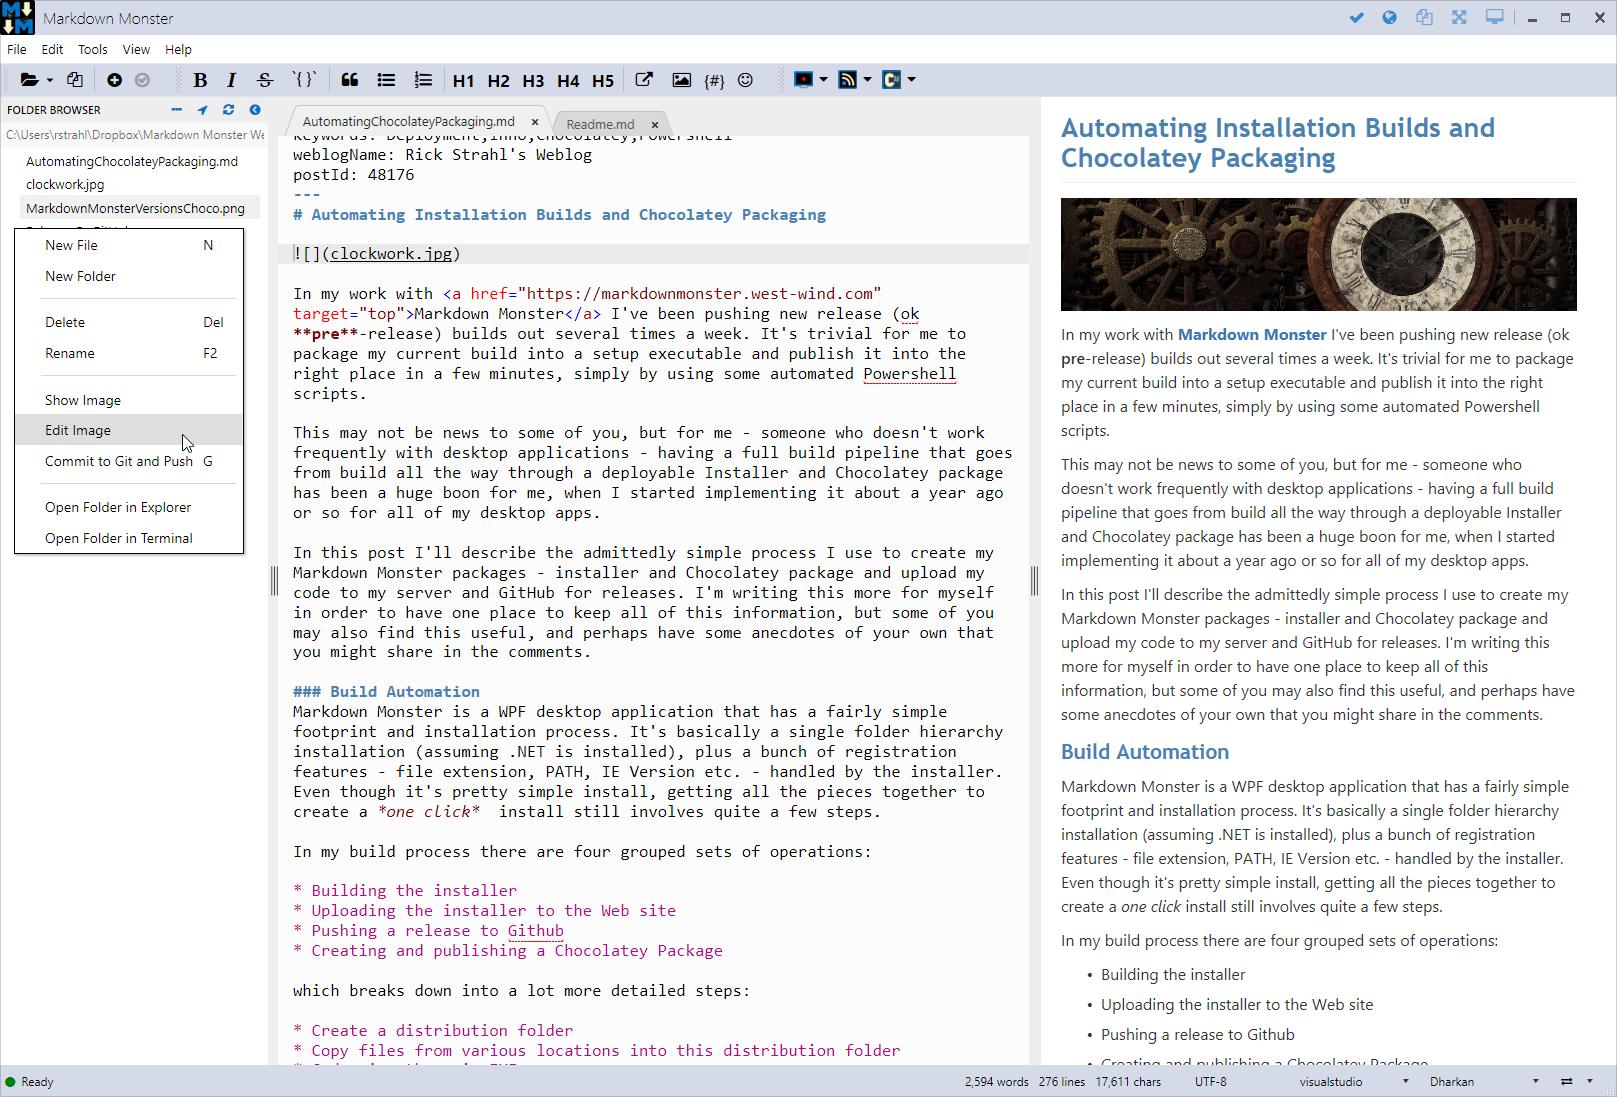 Markdown Monster Theme Support - Markdown Monster Documentation